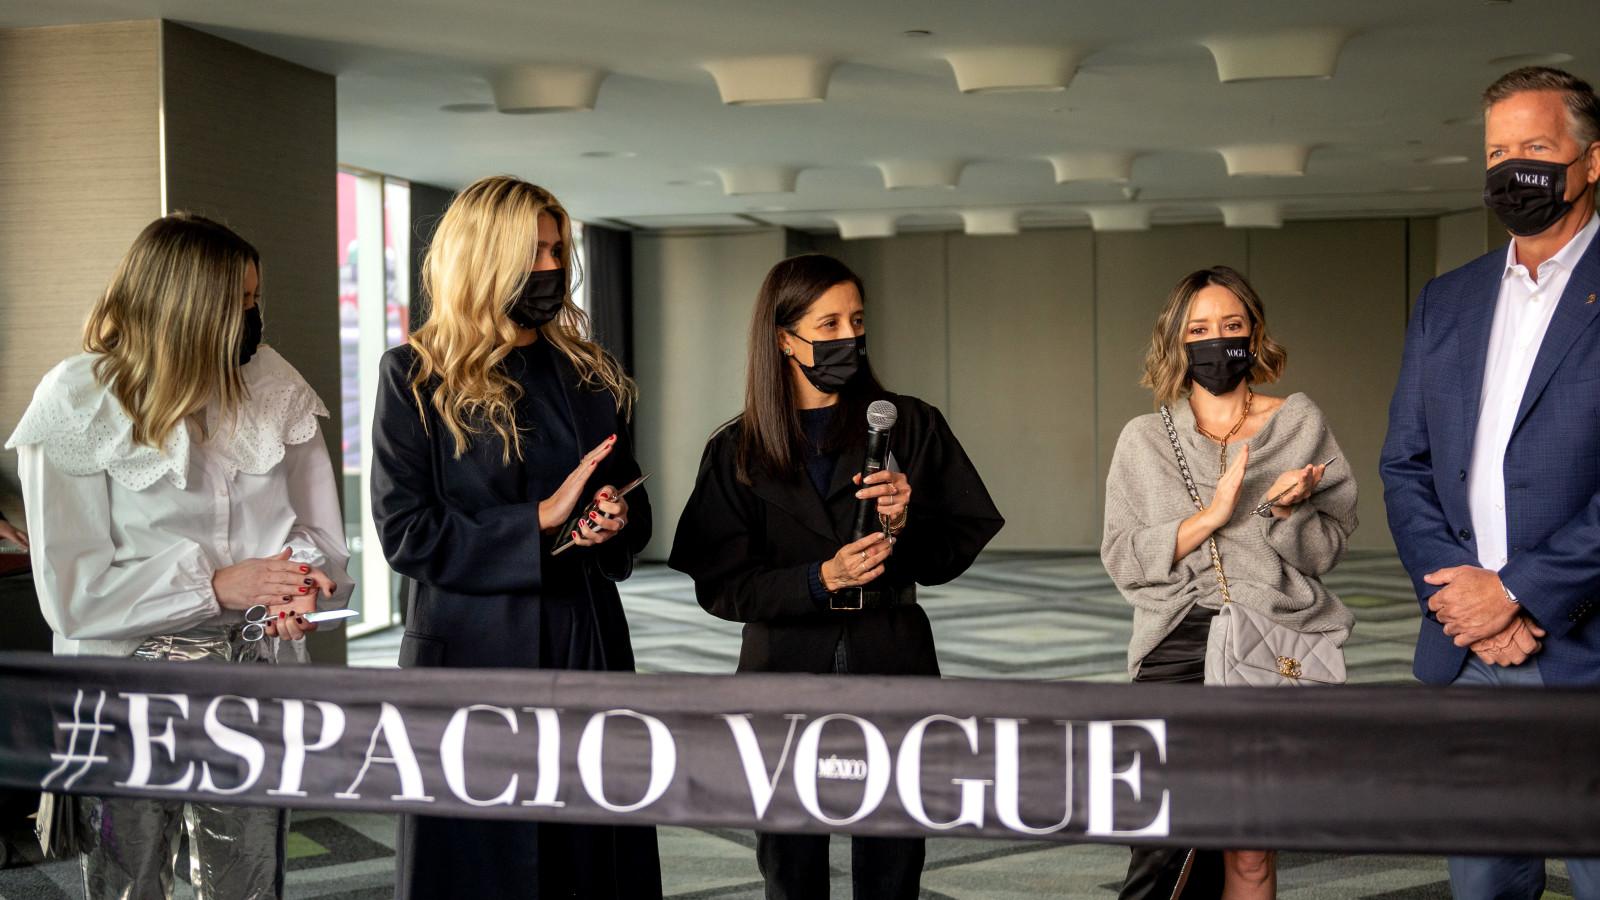 Corte-de-liston-de-Espacio-Vogue - Enrique SanchezArmas - Mexico - Vogue Space